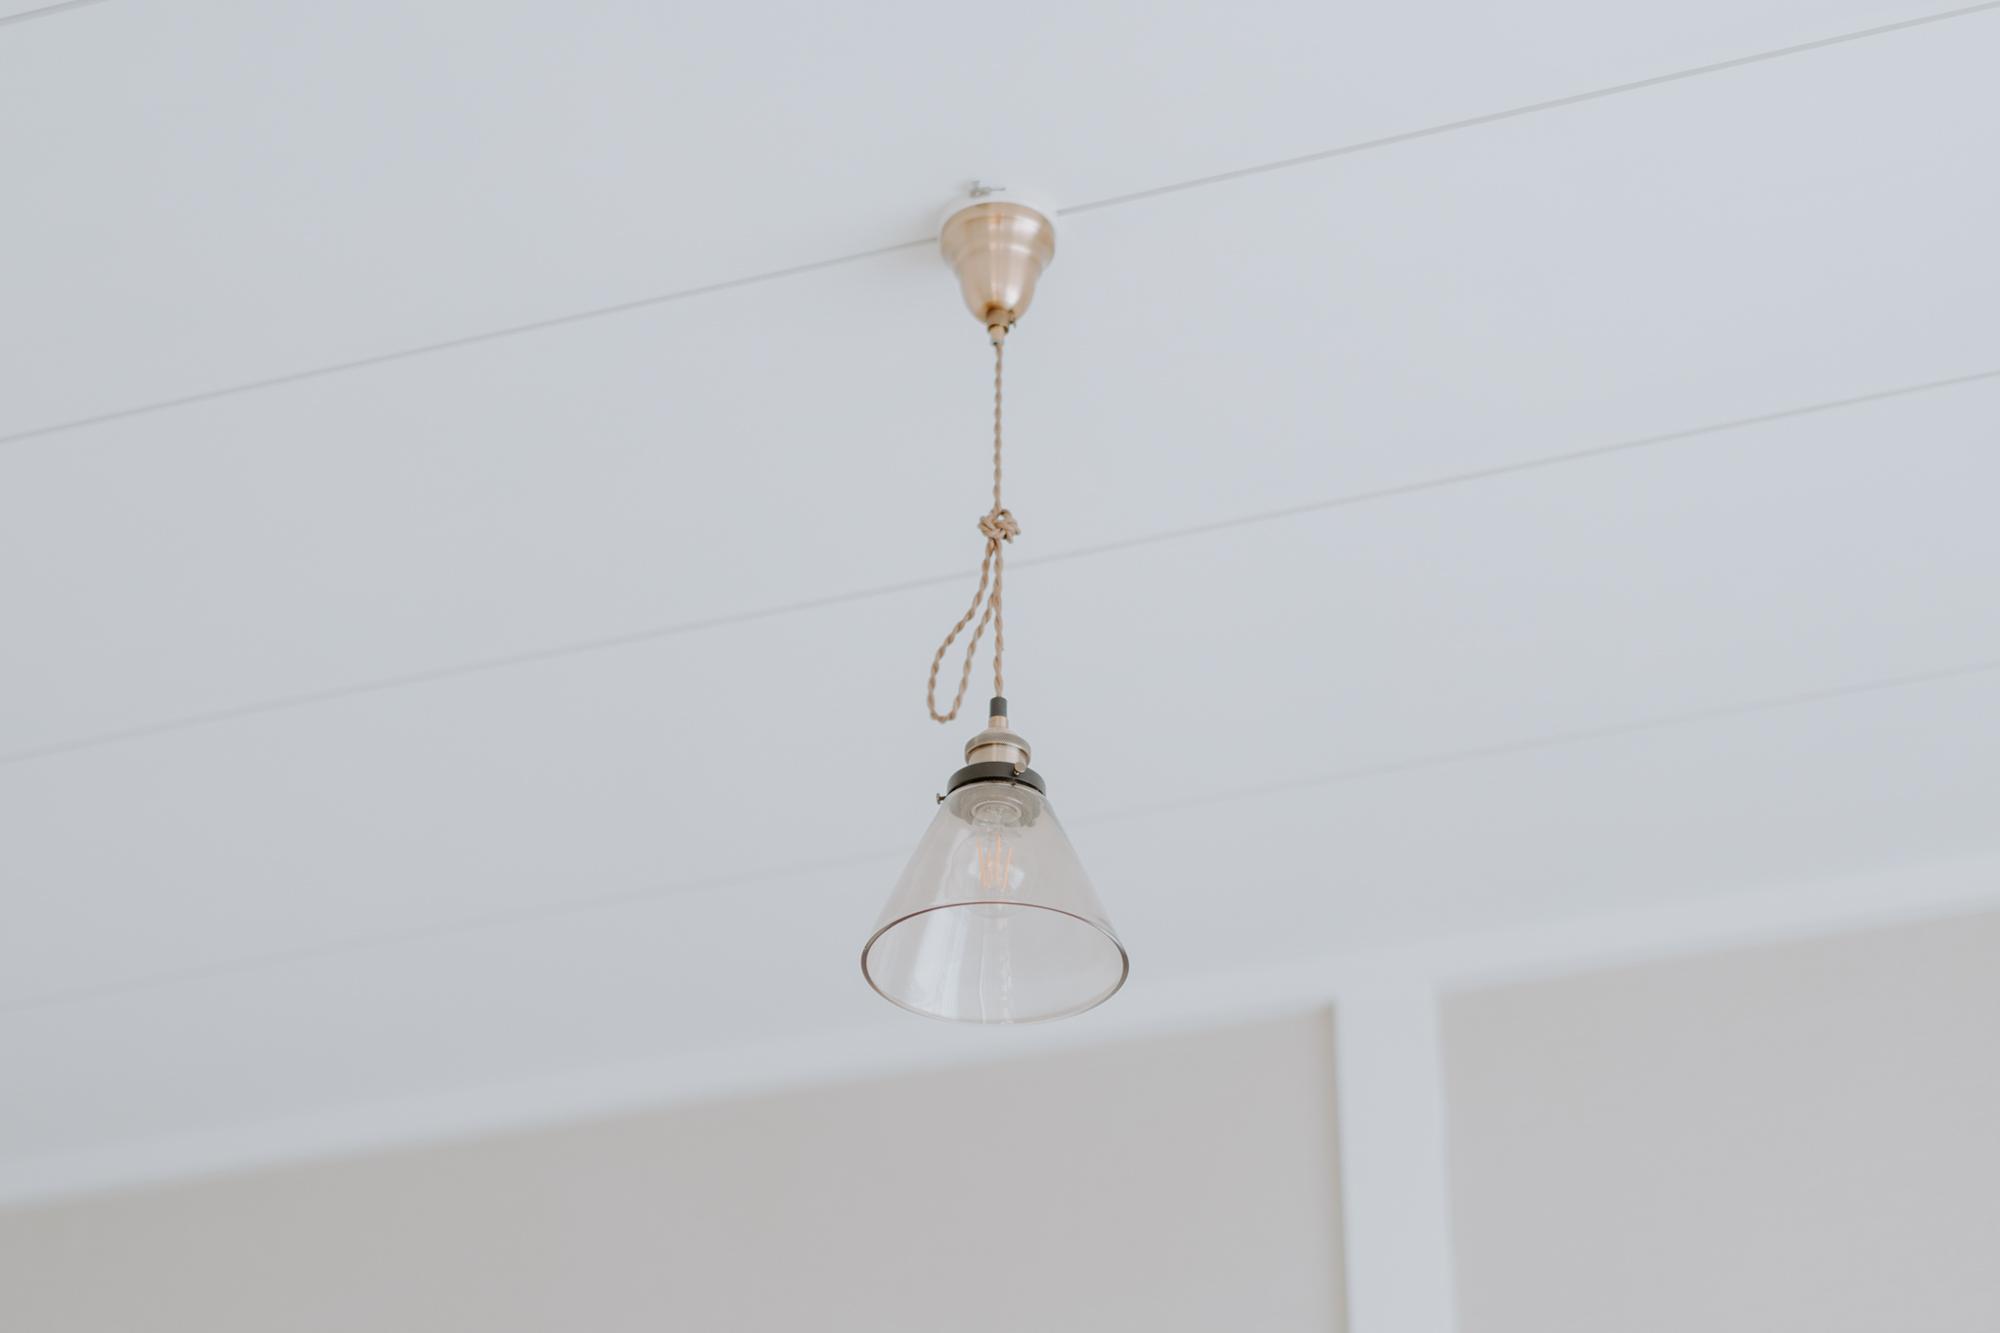 照明も、ニトリのもの。コスパの良いアイテムでも、部屋の雰囲気に合うものを選べば、とてもおしゃれに見えますね。